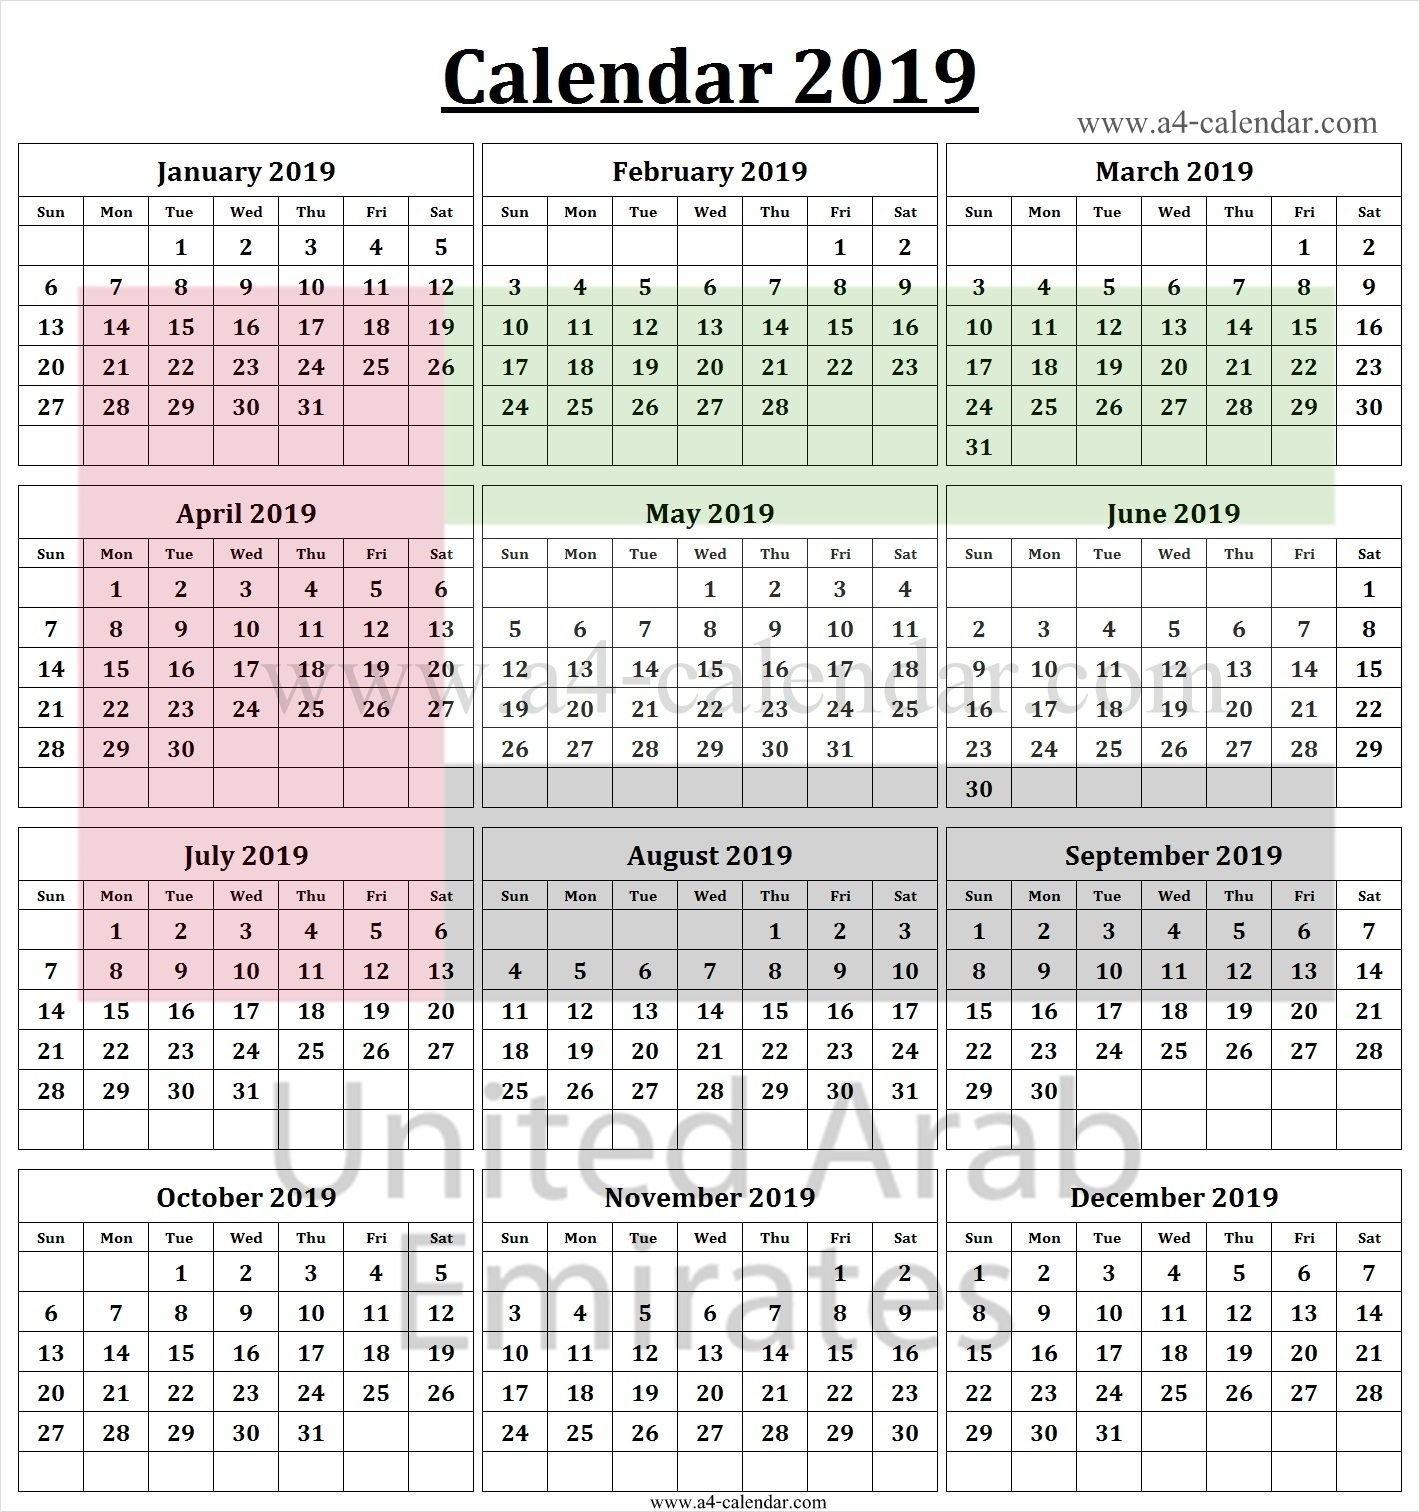 2019 Calendar Uae | 2019 Calendar Template | 2019 Calendar, Calendar U A E Calendar 2019